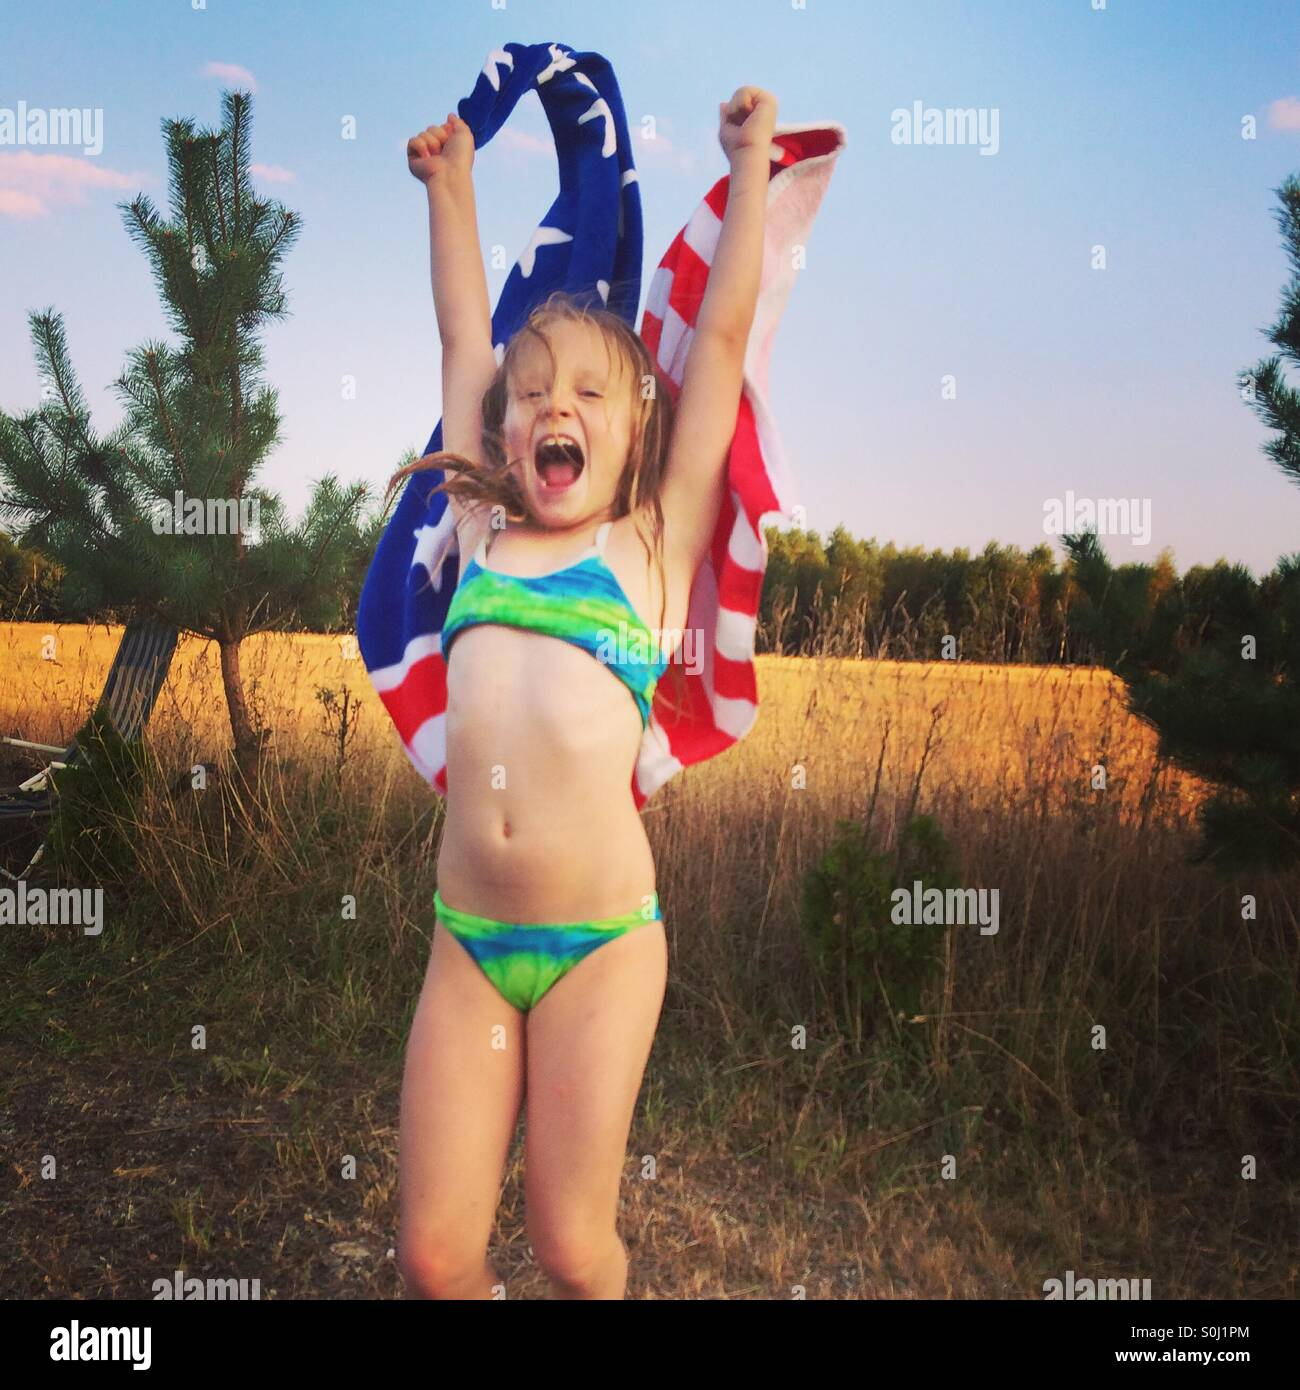 Mädchen mit einer Flagge Strandtuch springen Stockbild